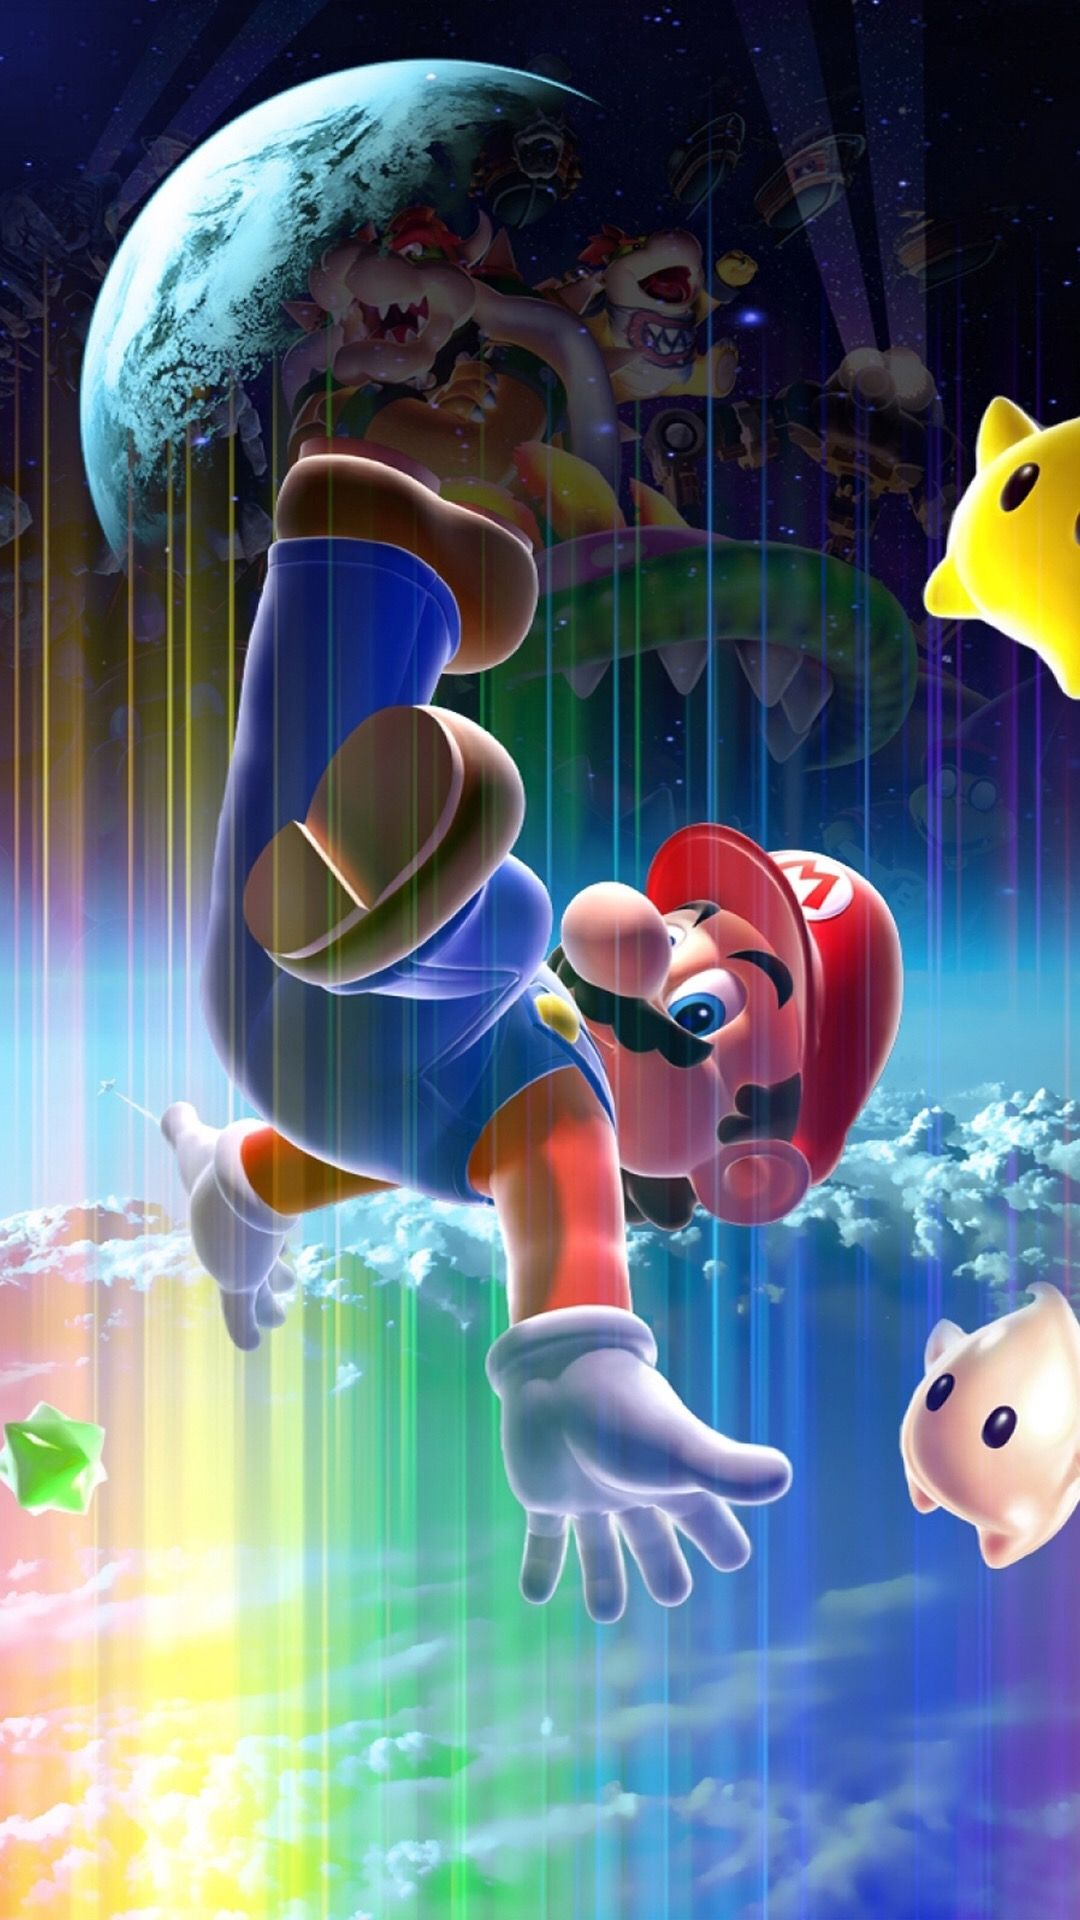 Pin De Hauhted Fake Em Fond D Ecran Desenhos Do Mario Wallpaper De Desenhos Animados Desenho Super Mario